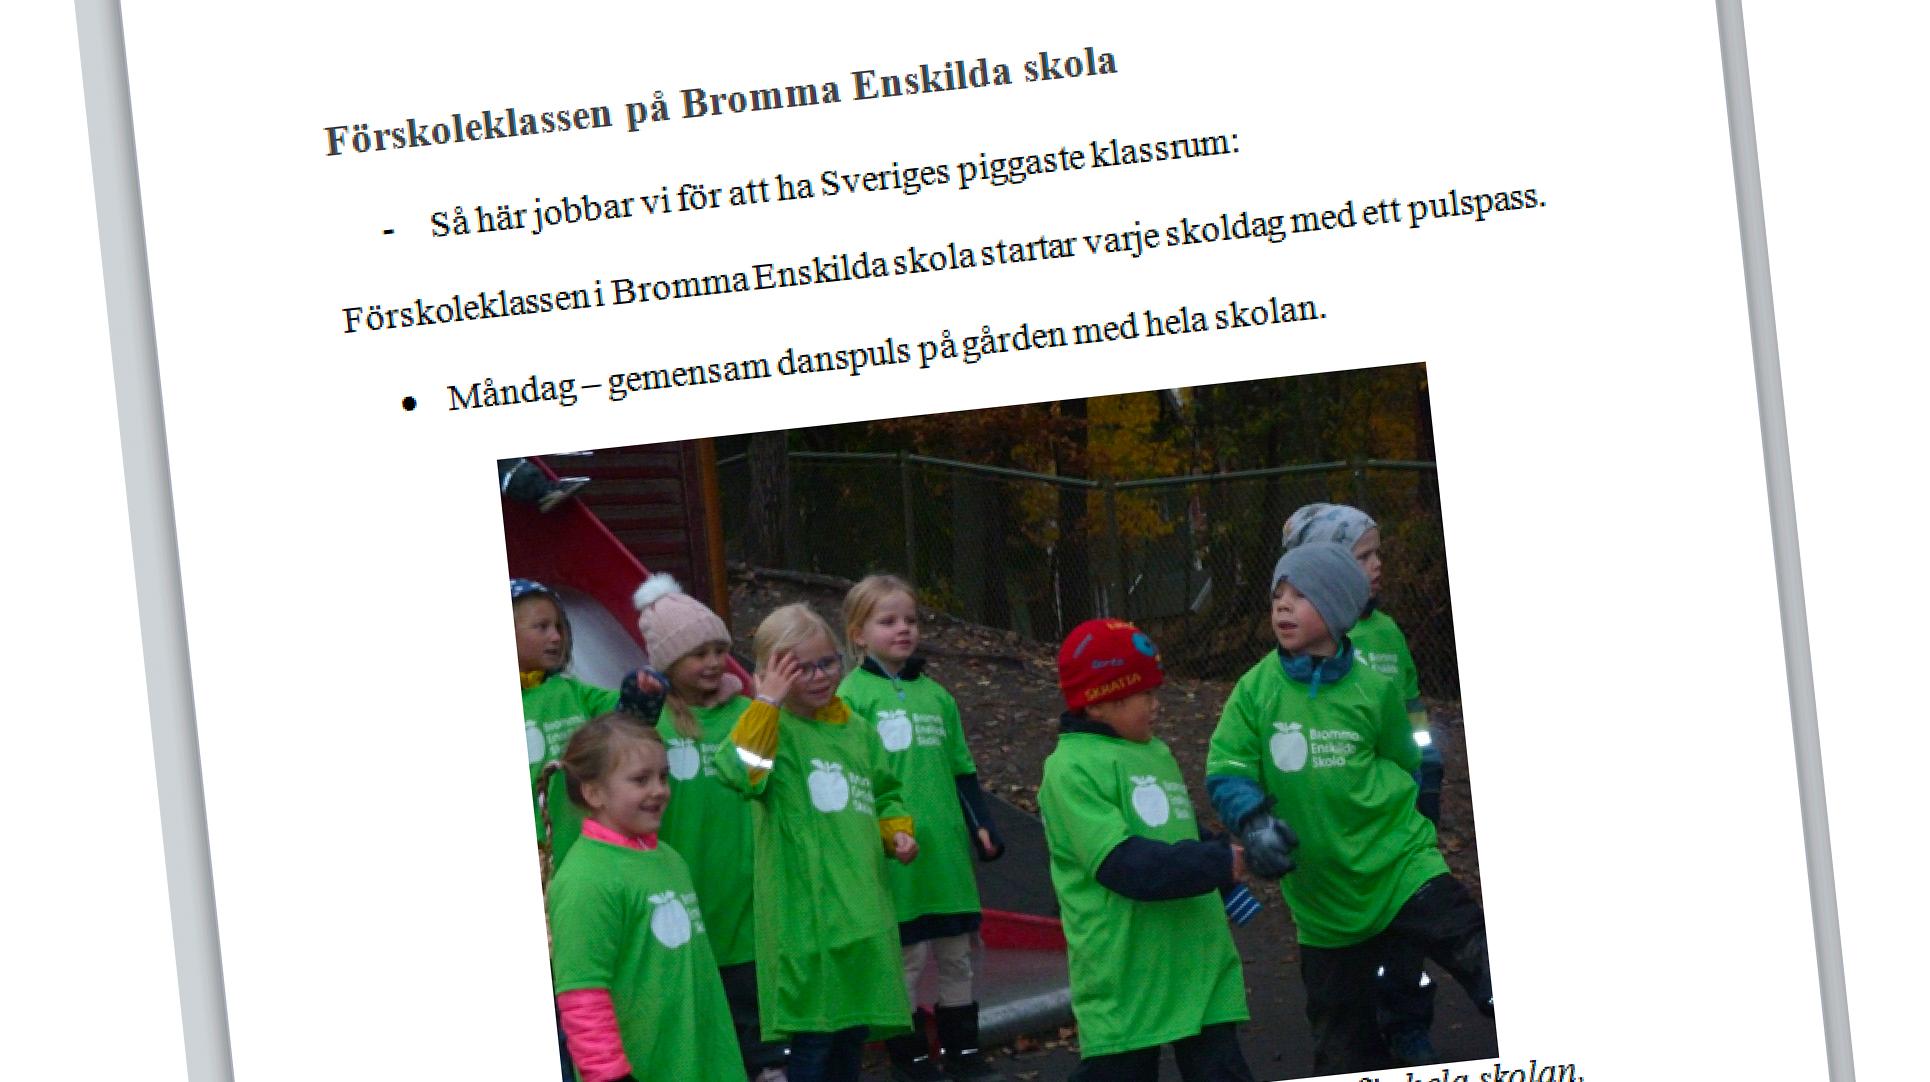 ActiveS - Sveriges Piggaste Klassrum - Bromma Enskilda Skola FSK, Stockholm